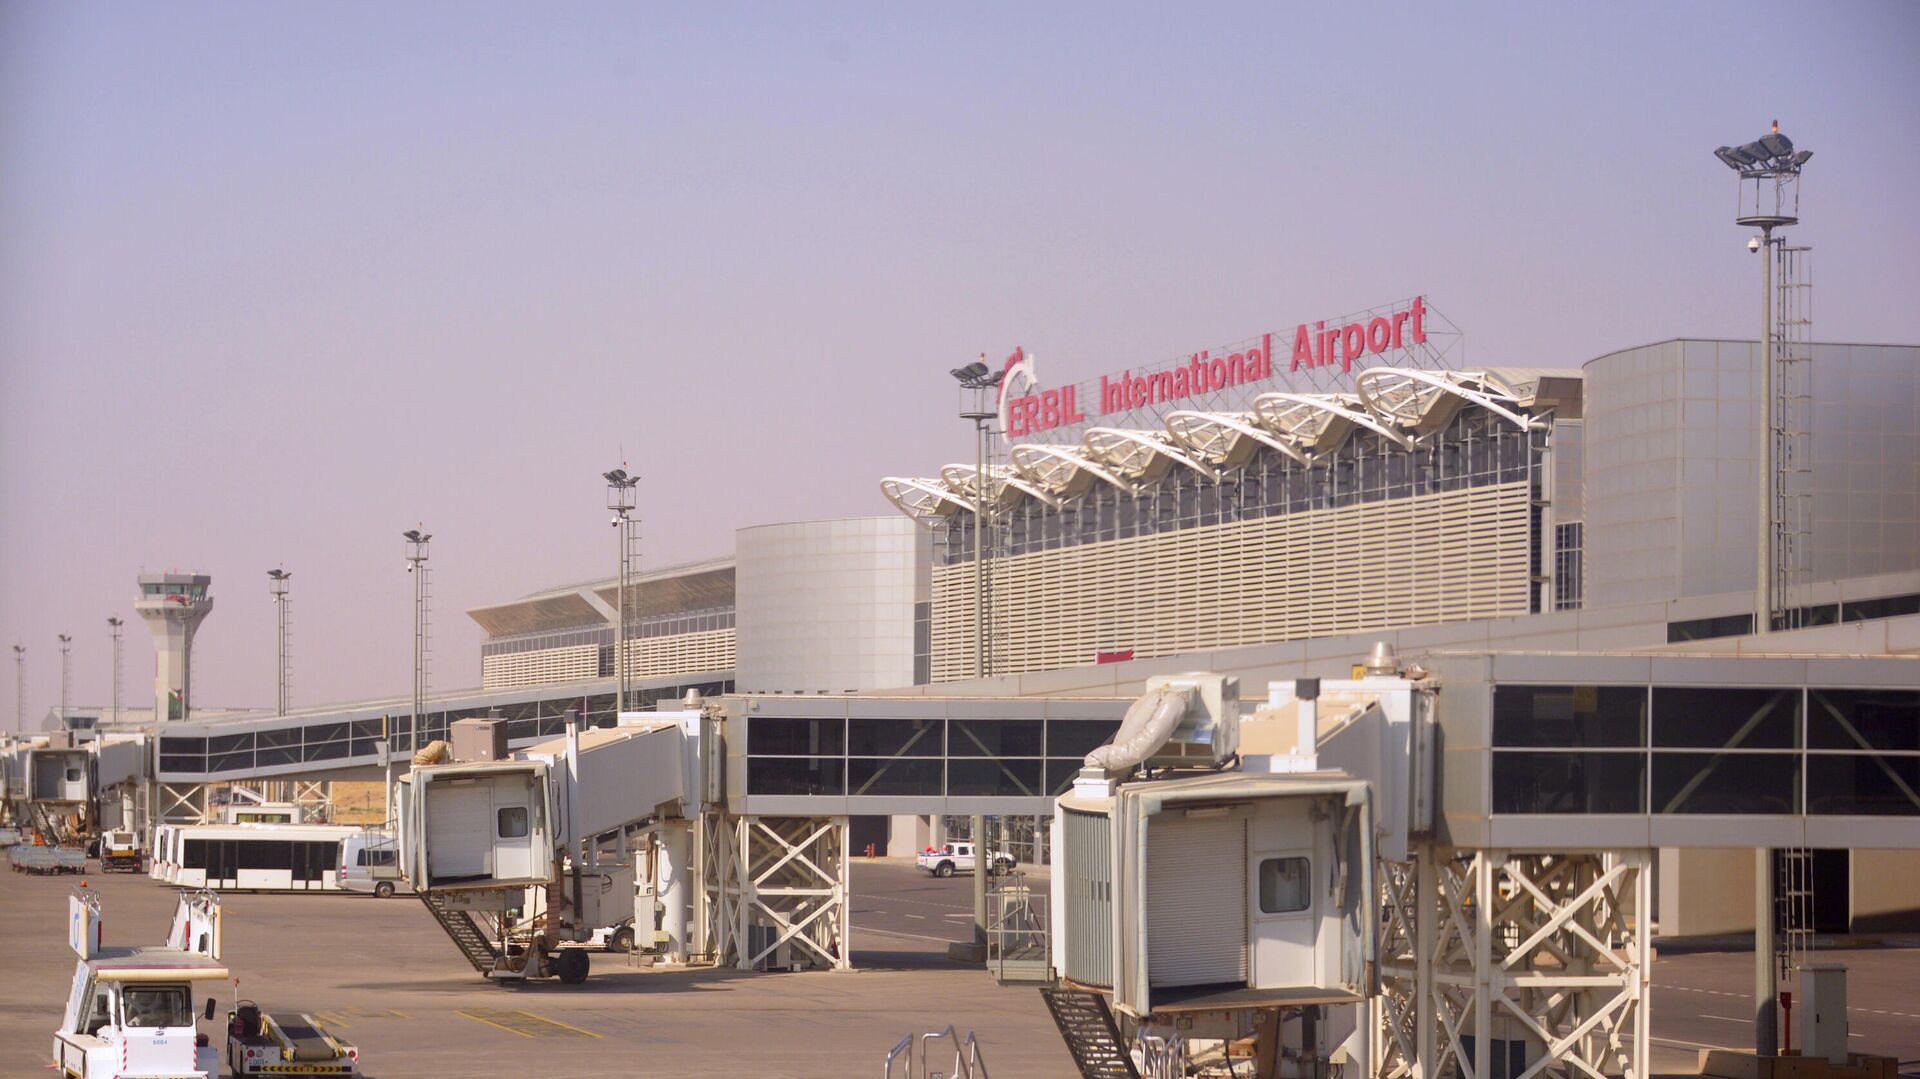 Flughafen von Erbil im Irak (Archiv)  - SNA, 1920, 12.09.2021